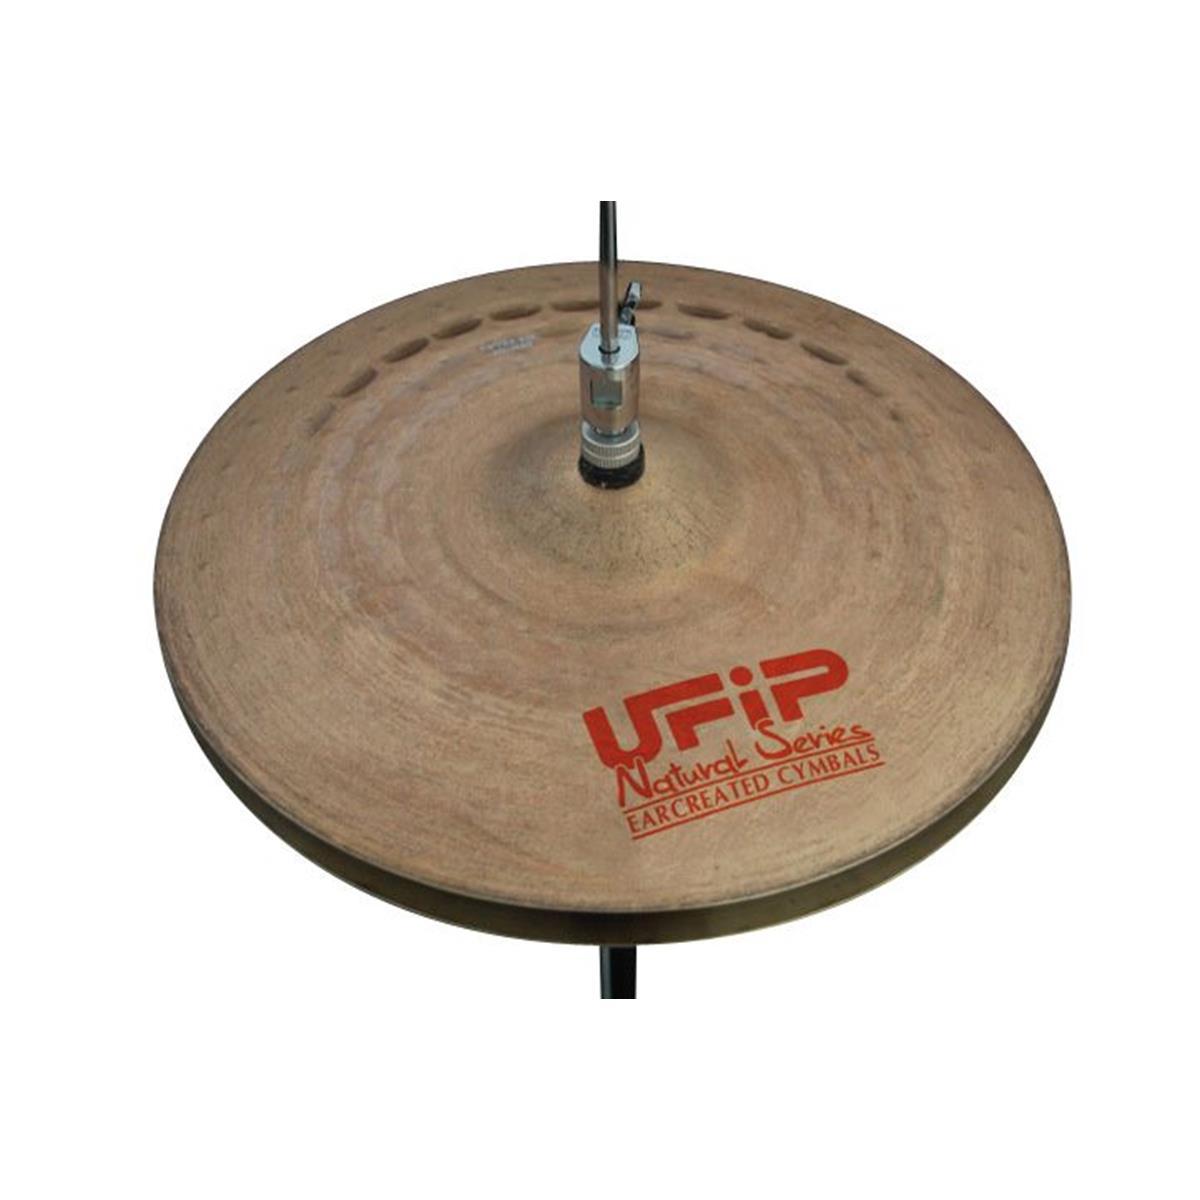 UFIP-NS-15LHH-Natural-Series-15-Light-Hi-Hat-sku-45600163